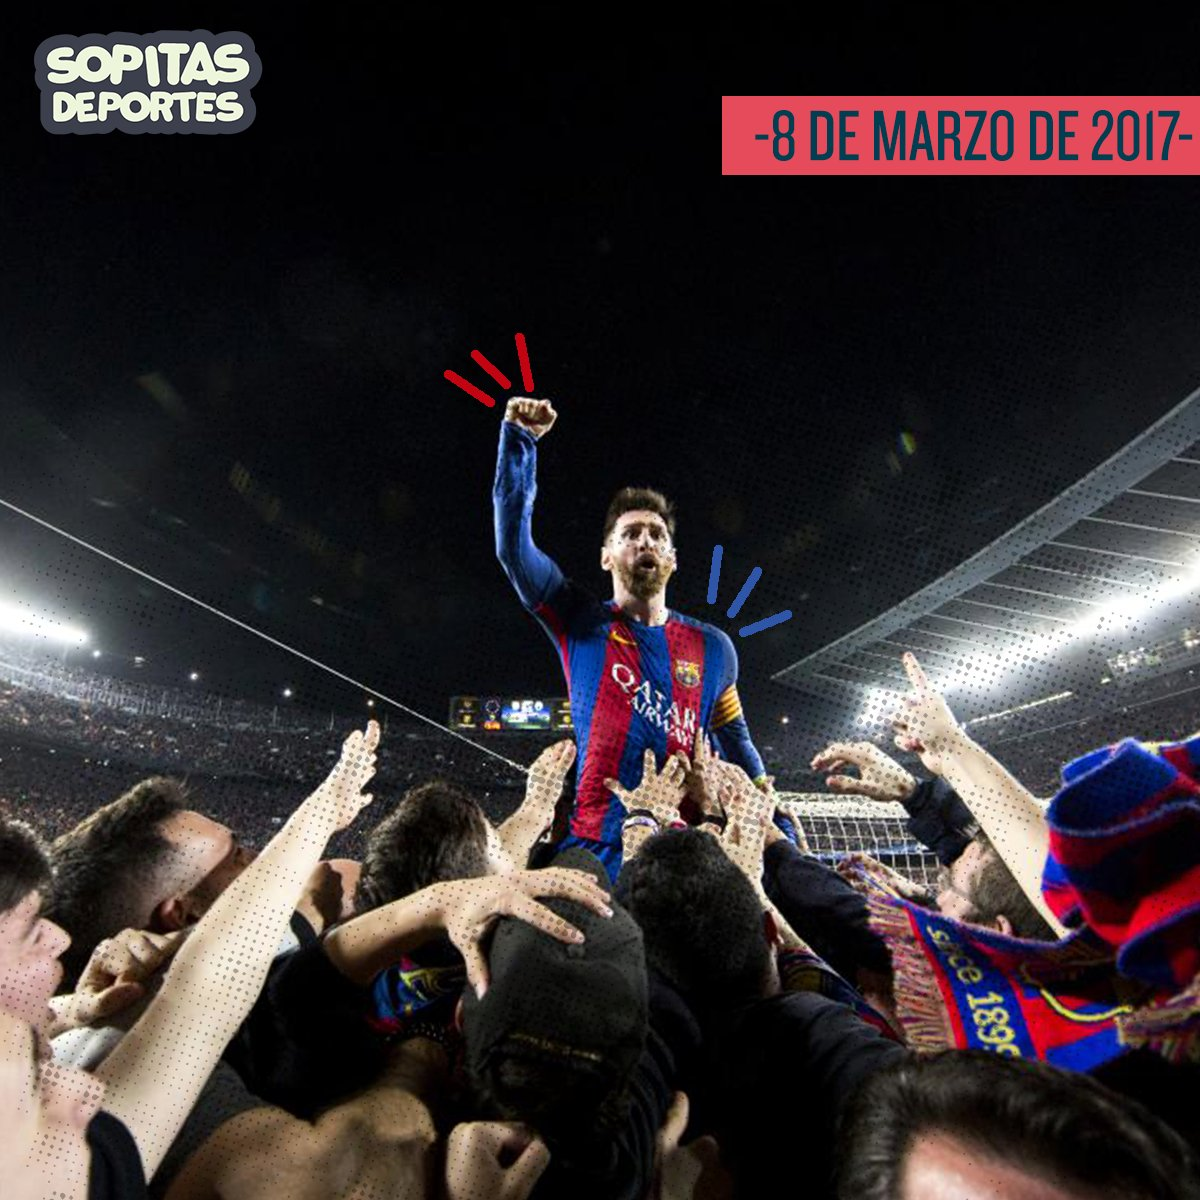 """Hace un año el Barça hizo """"LA REMONTADA"""" en la que derrotó 6-1 al PSG en la vuelta tras haber caído 4-0 en la ida #ChampionsLeague ⚽️"""